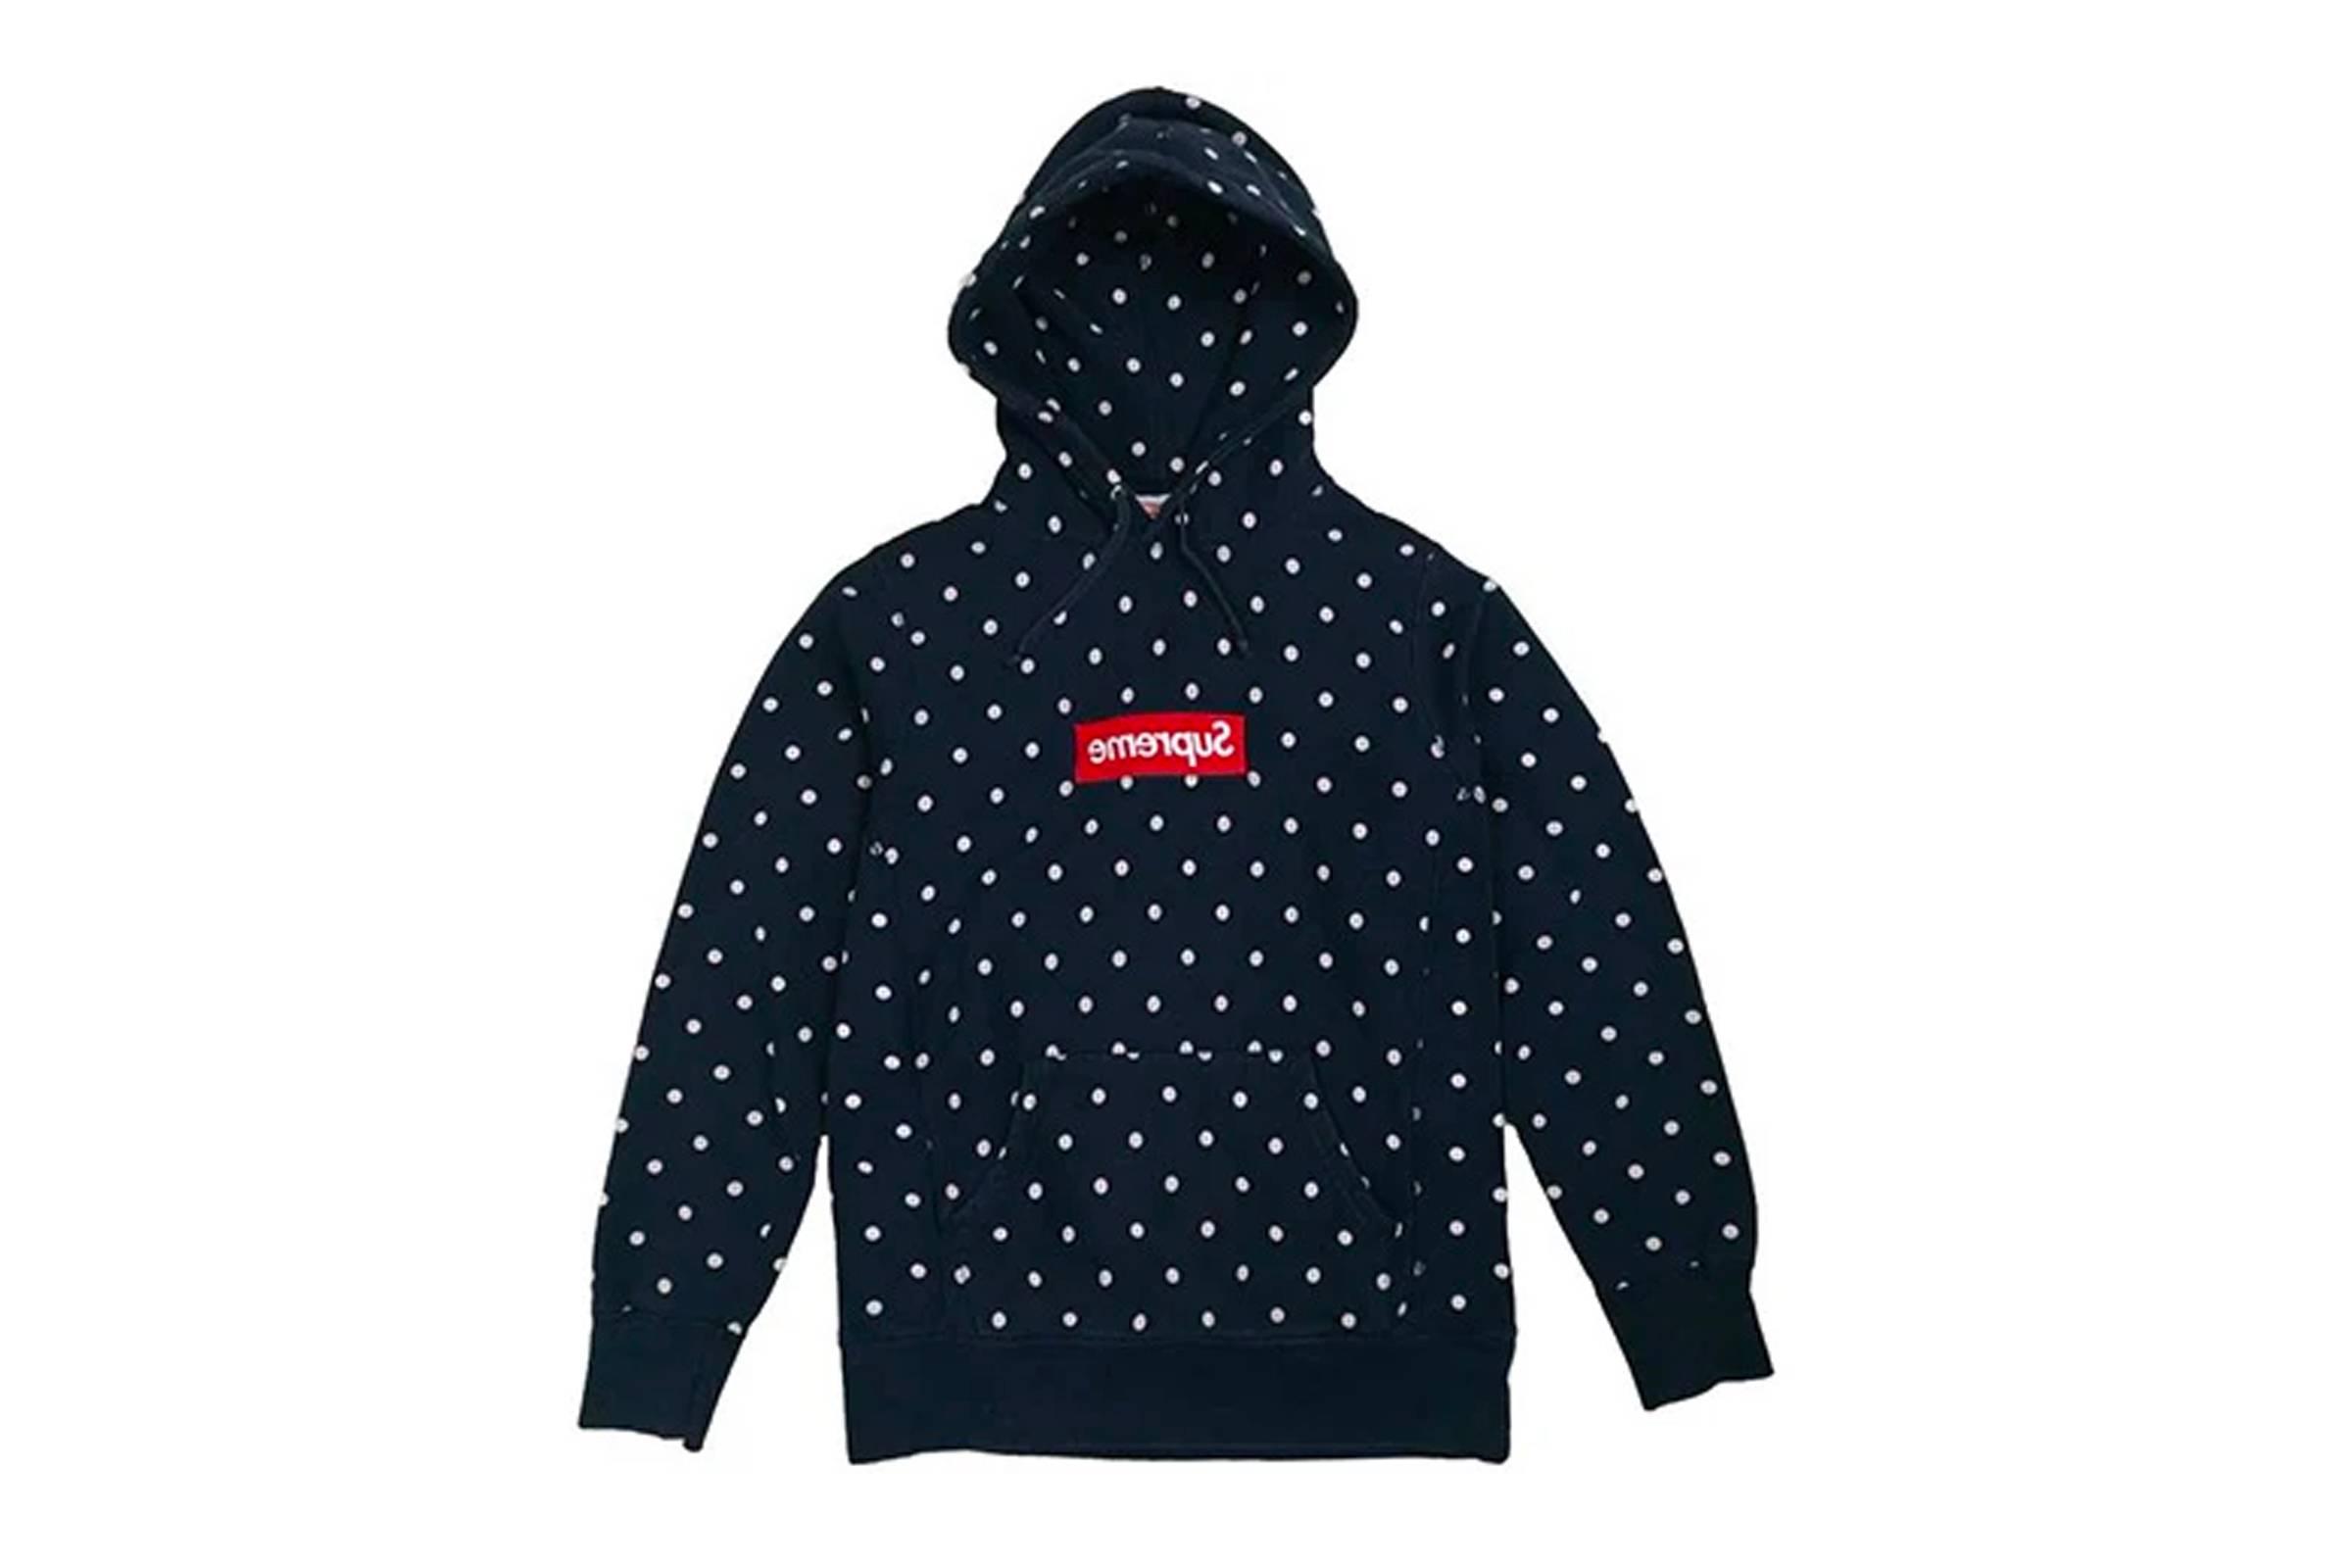 1. Comme des Garçons SHIRT x Supreme Polka Dot Box Logo Hoodie